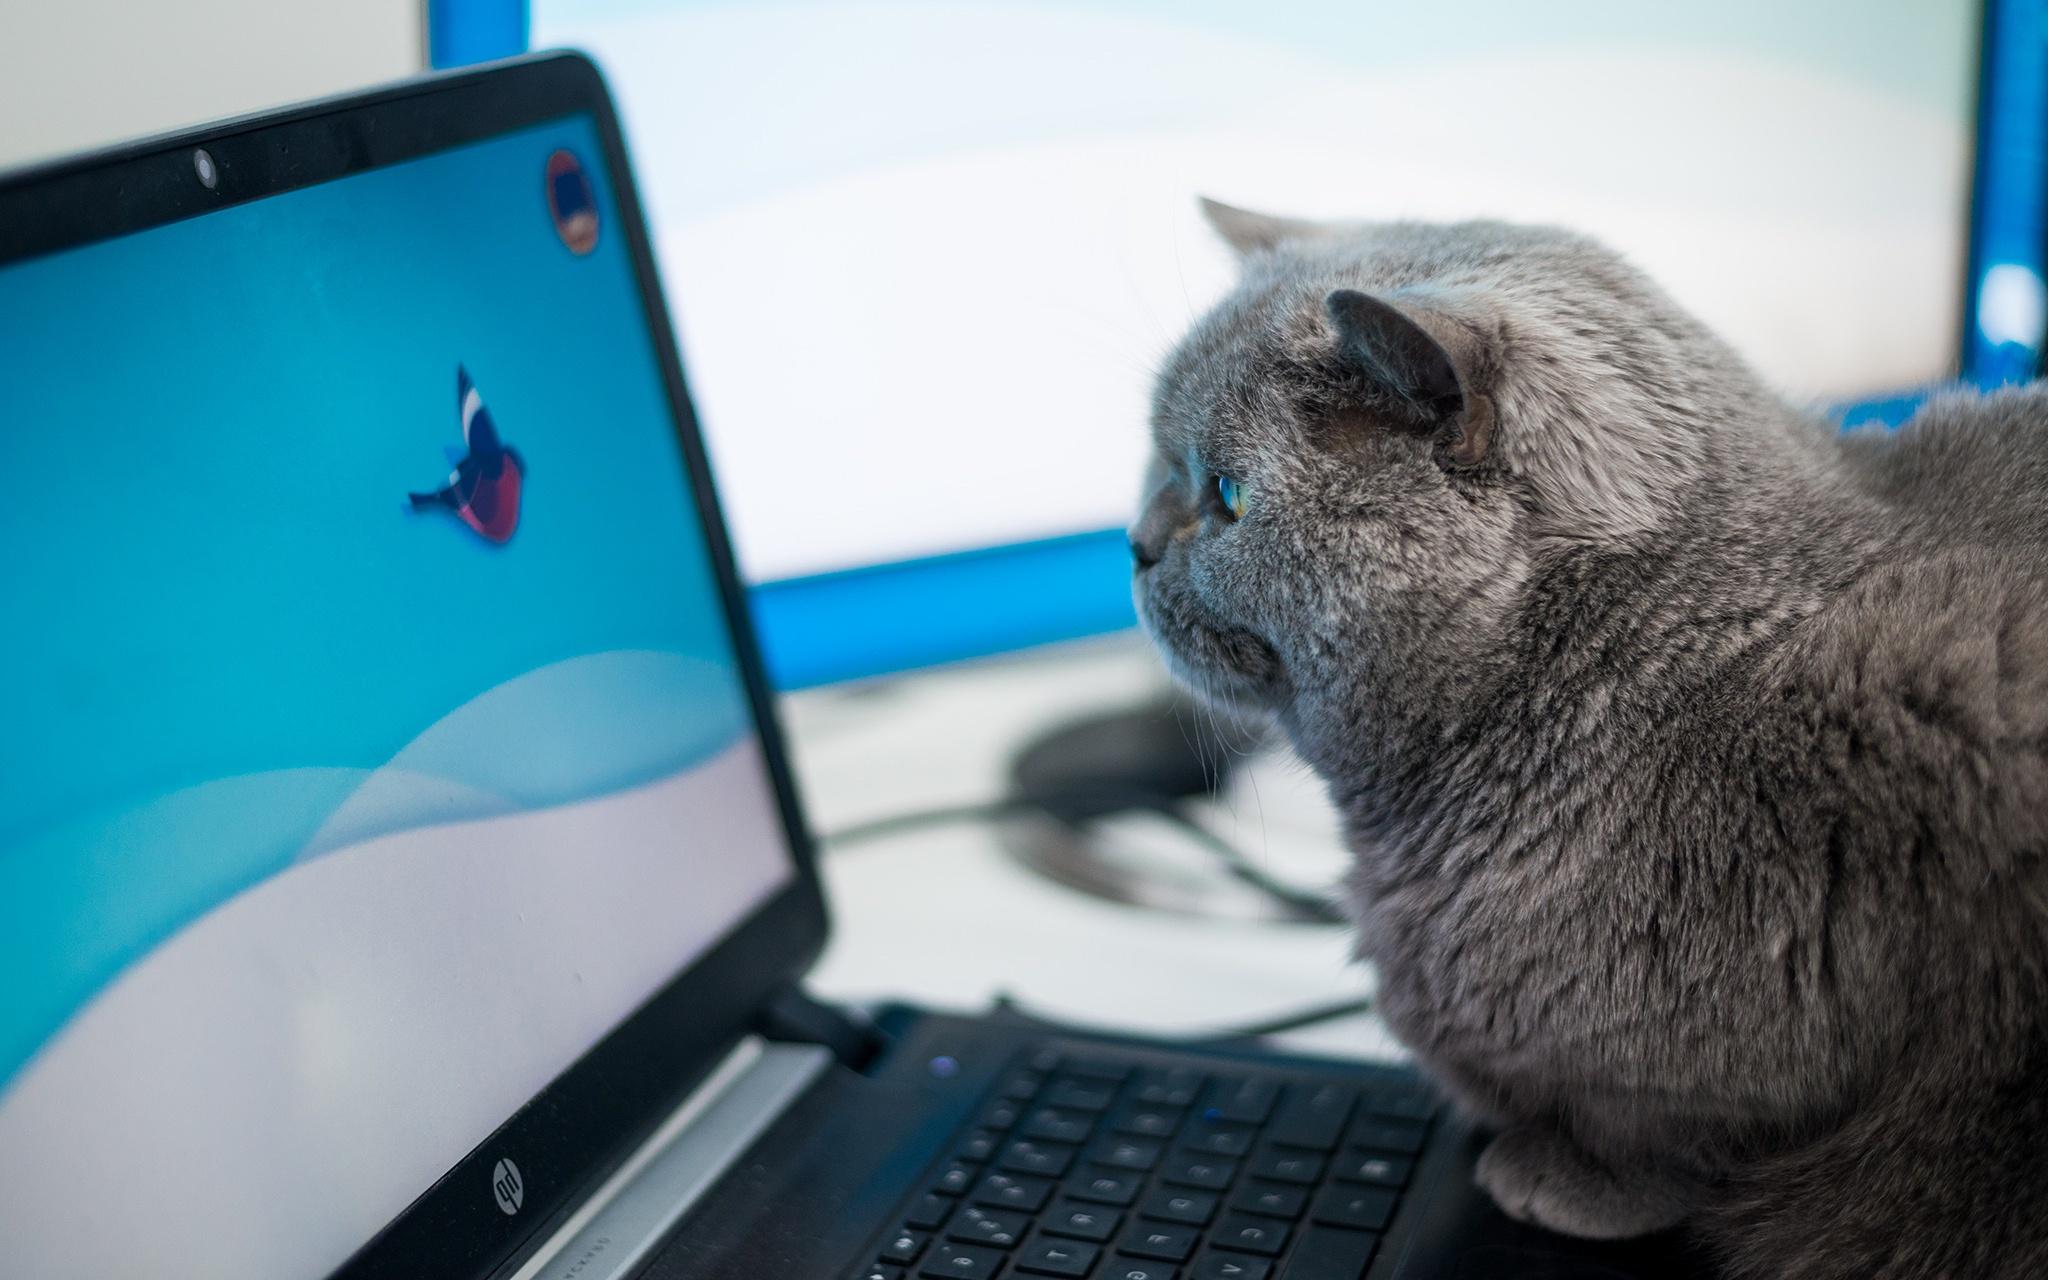 Прикольный котик картинка для клавиатуры живет